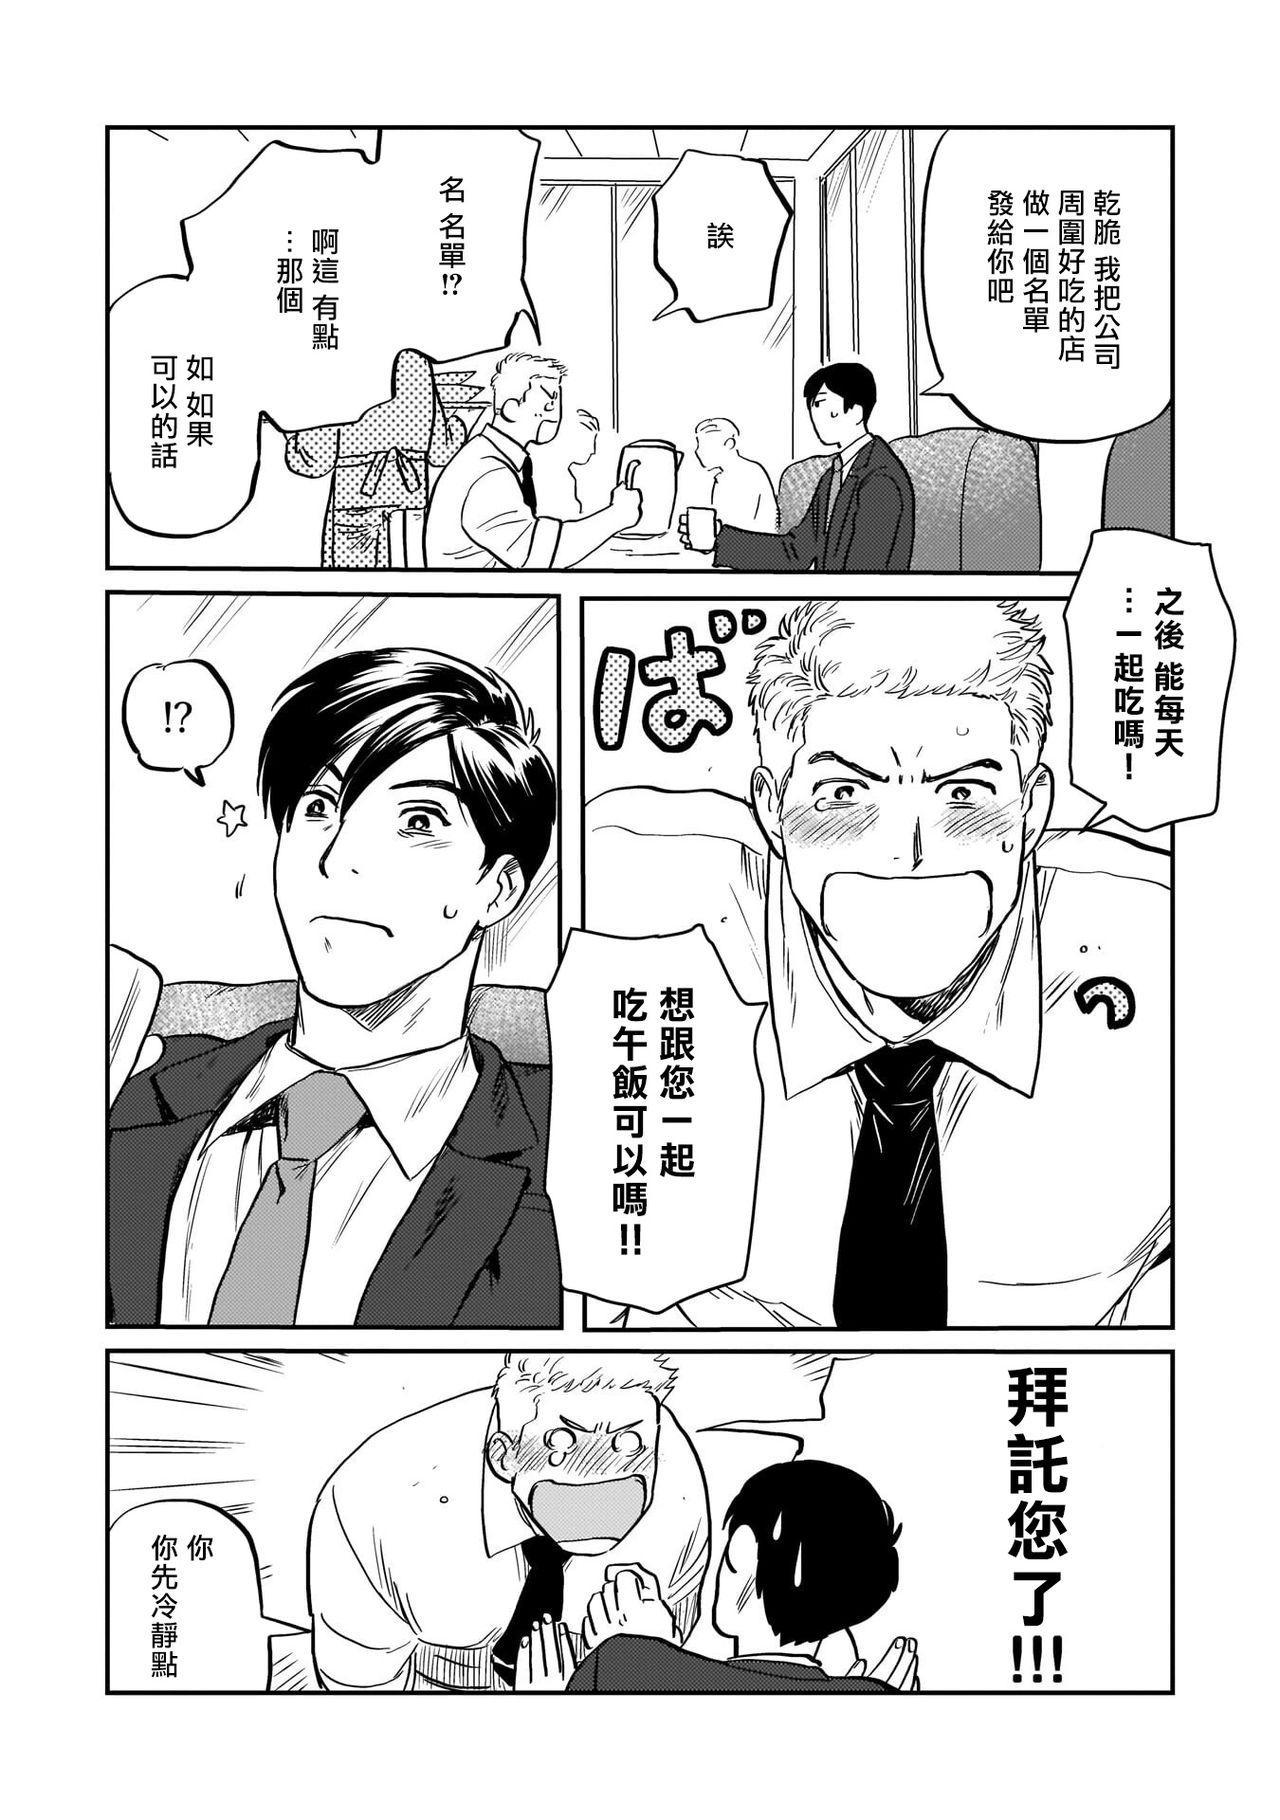 Kouhai no Oppai ga Suki Sugiru | 我太喜欢后辈的奶子了 Ch. 1-2 18